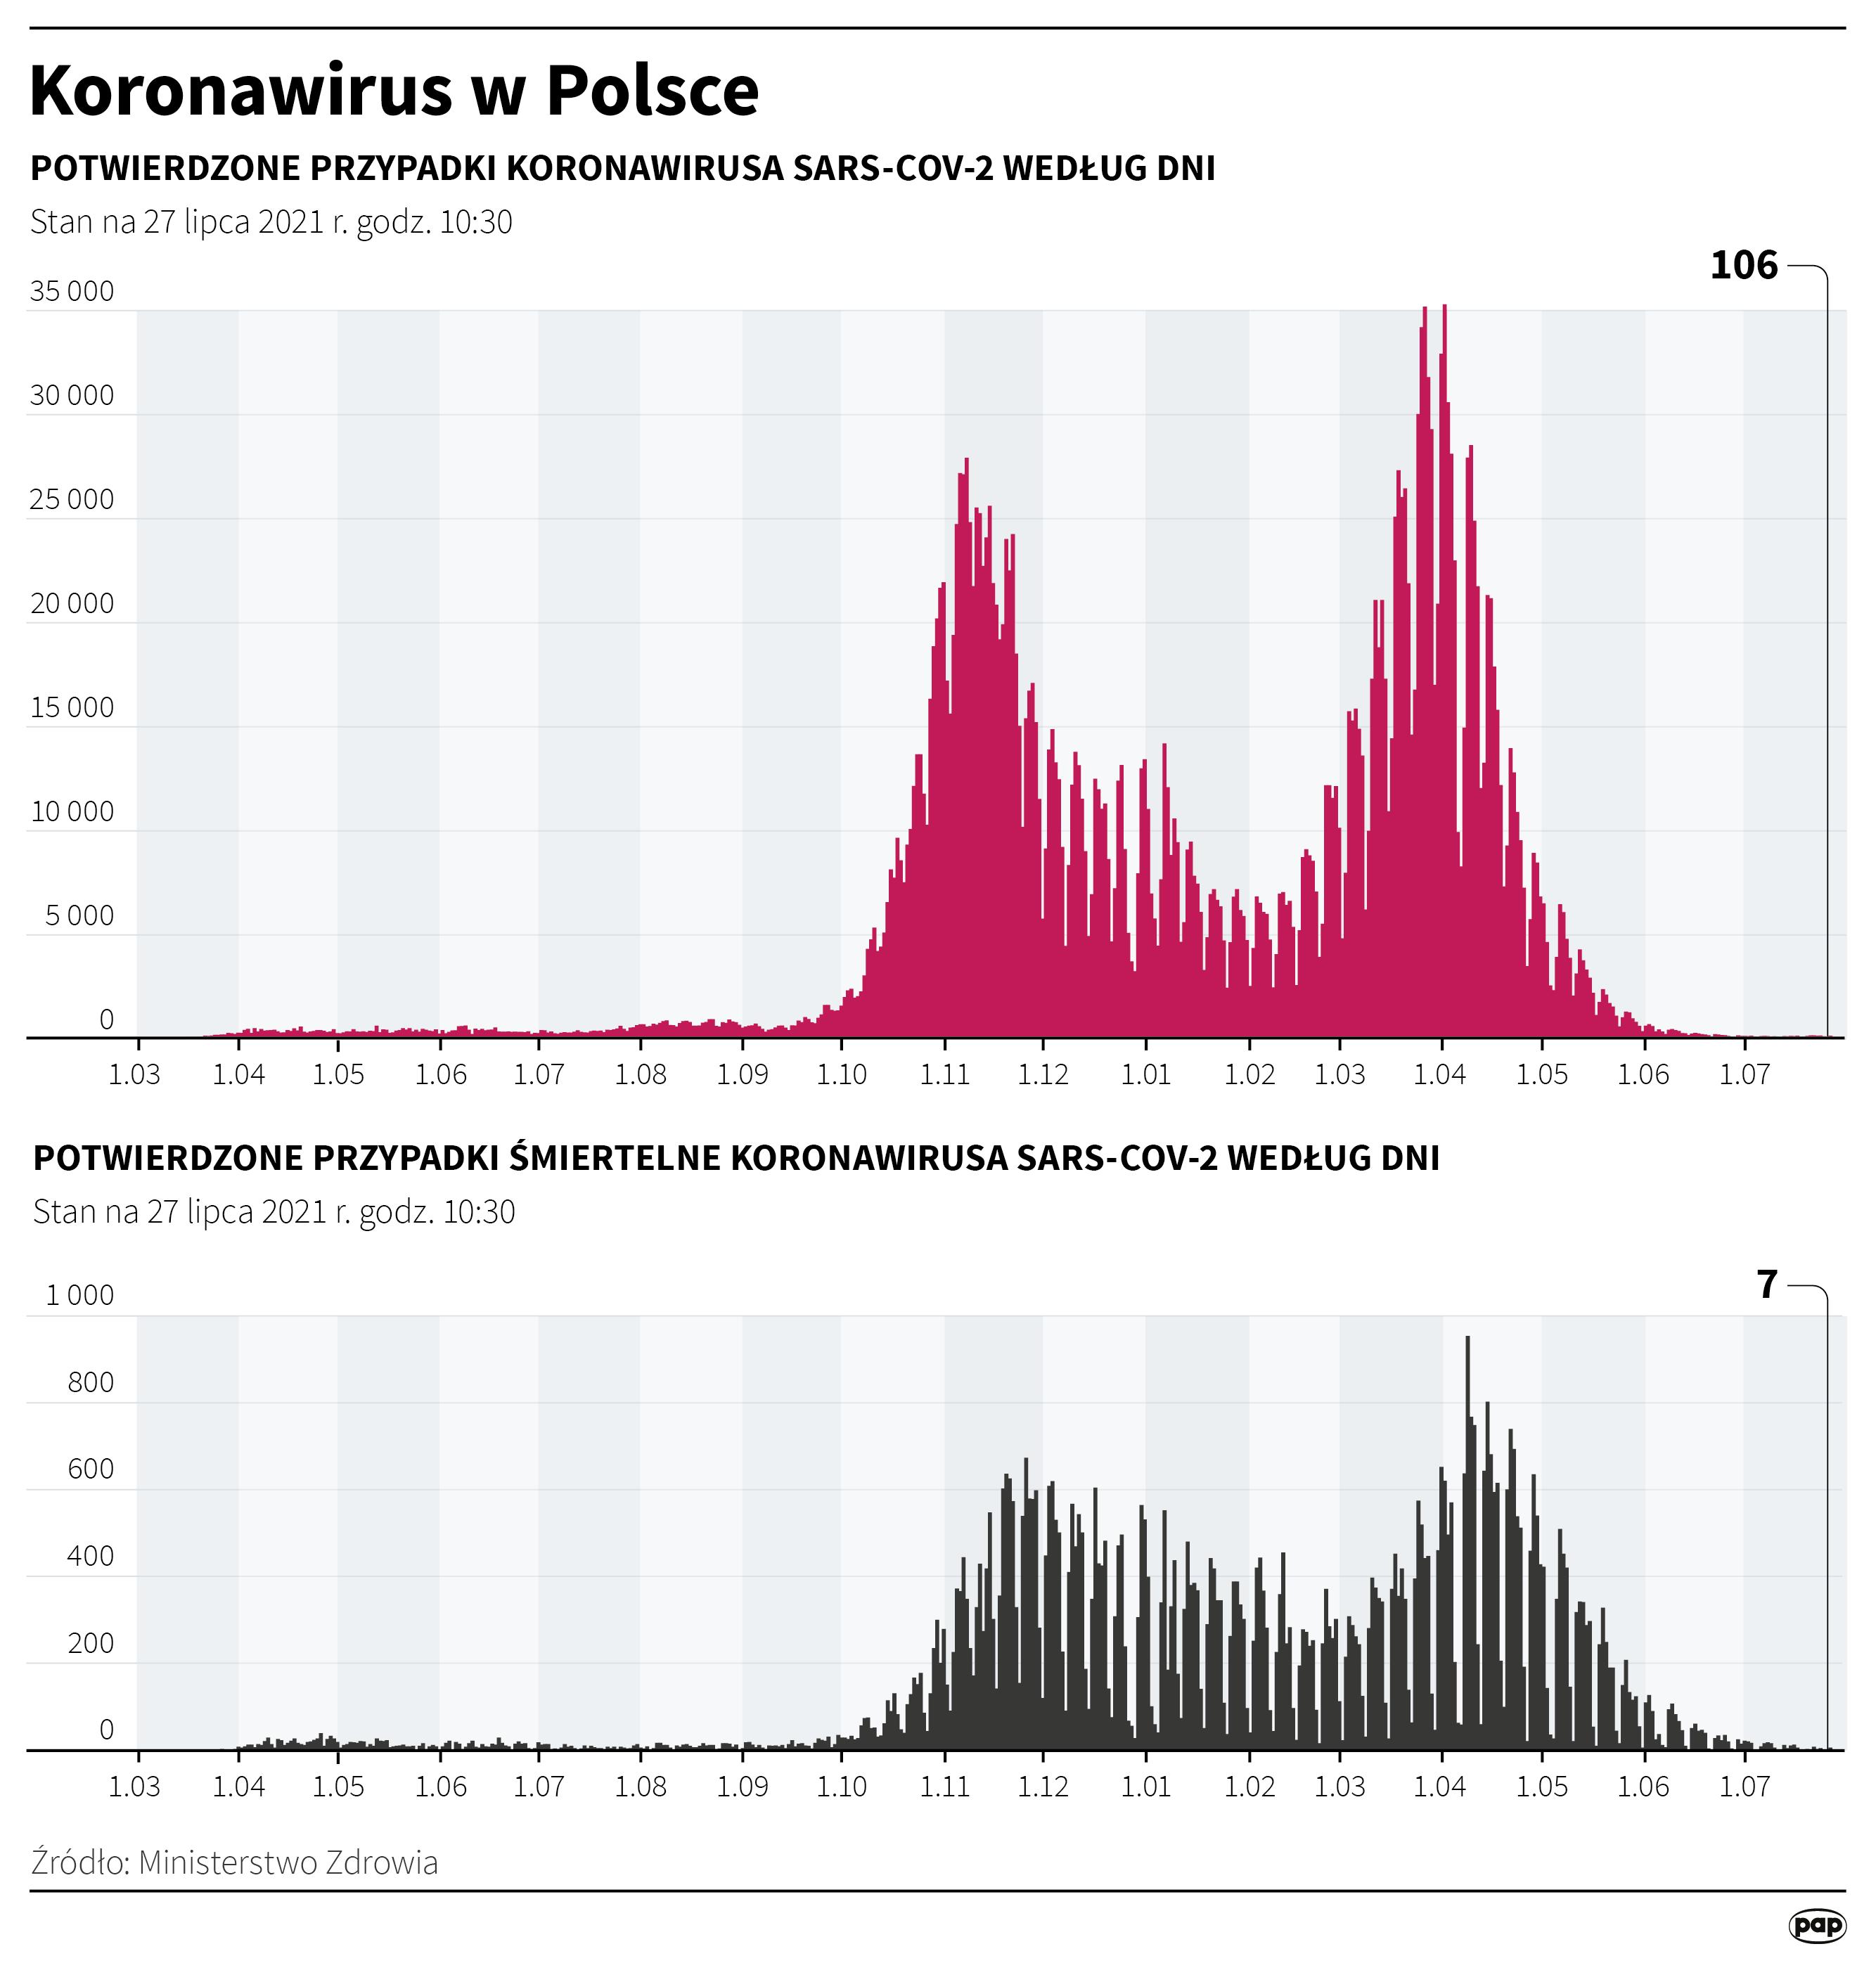 Koronawirus w Polsce - stan na 27 lipca [Autor: Maciej Zieliński, źródło: PAP]